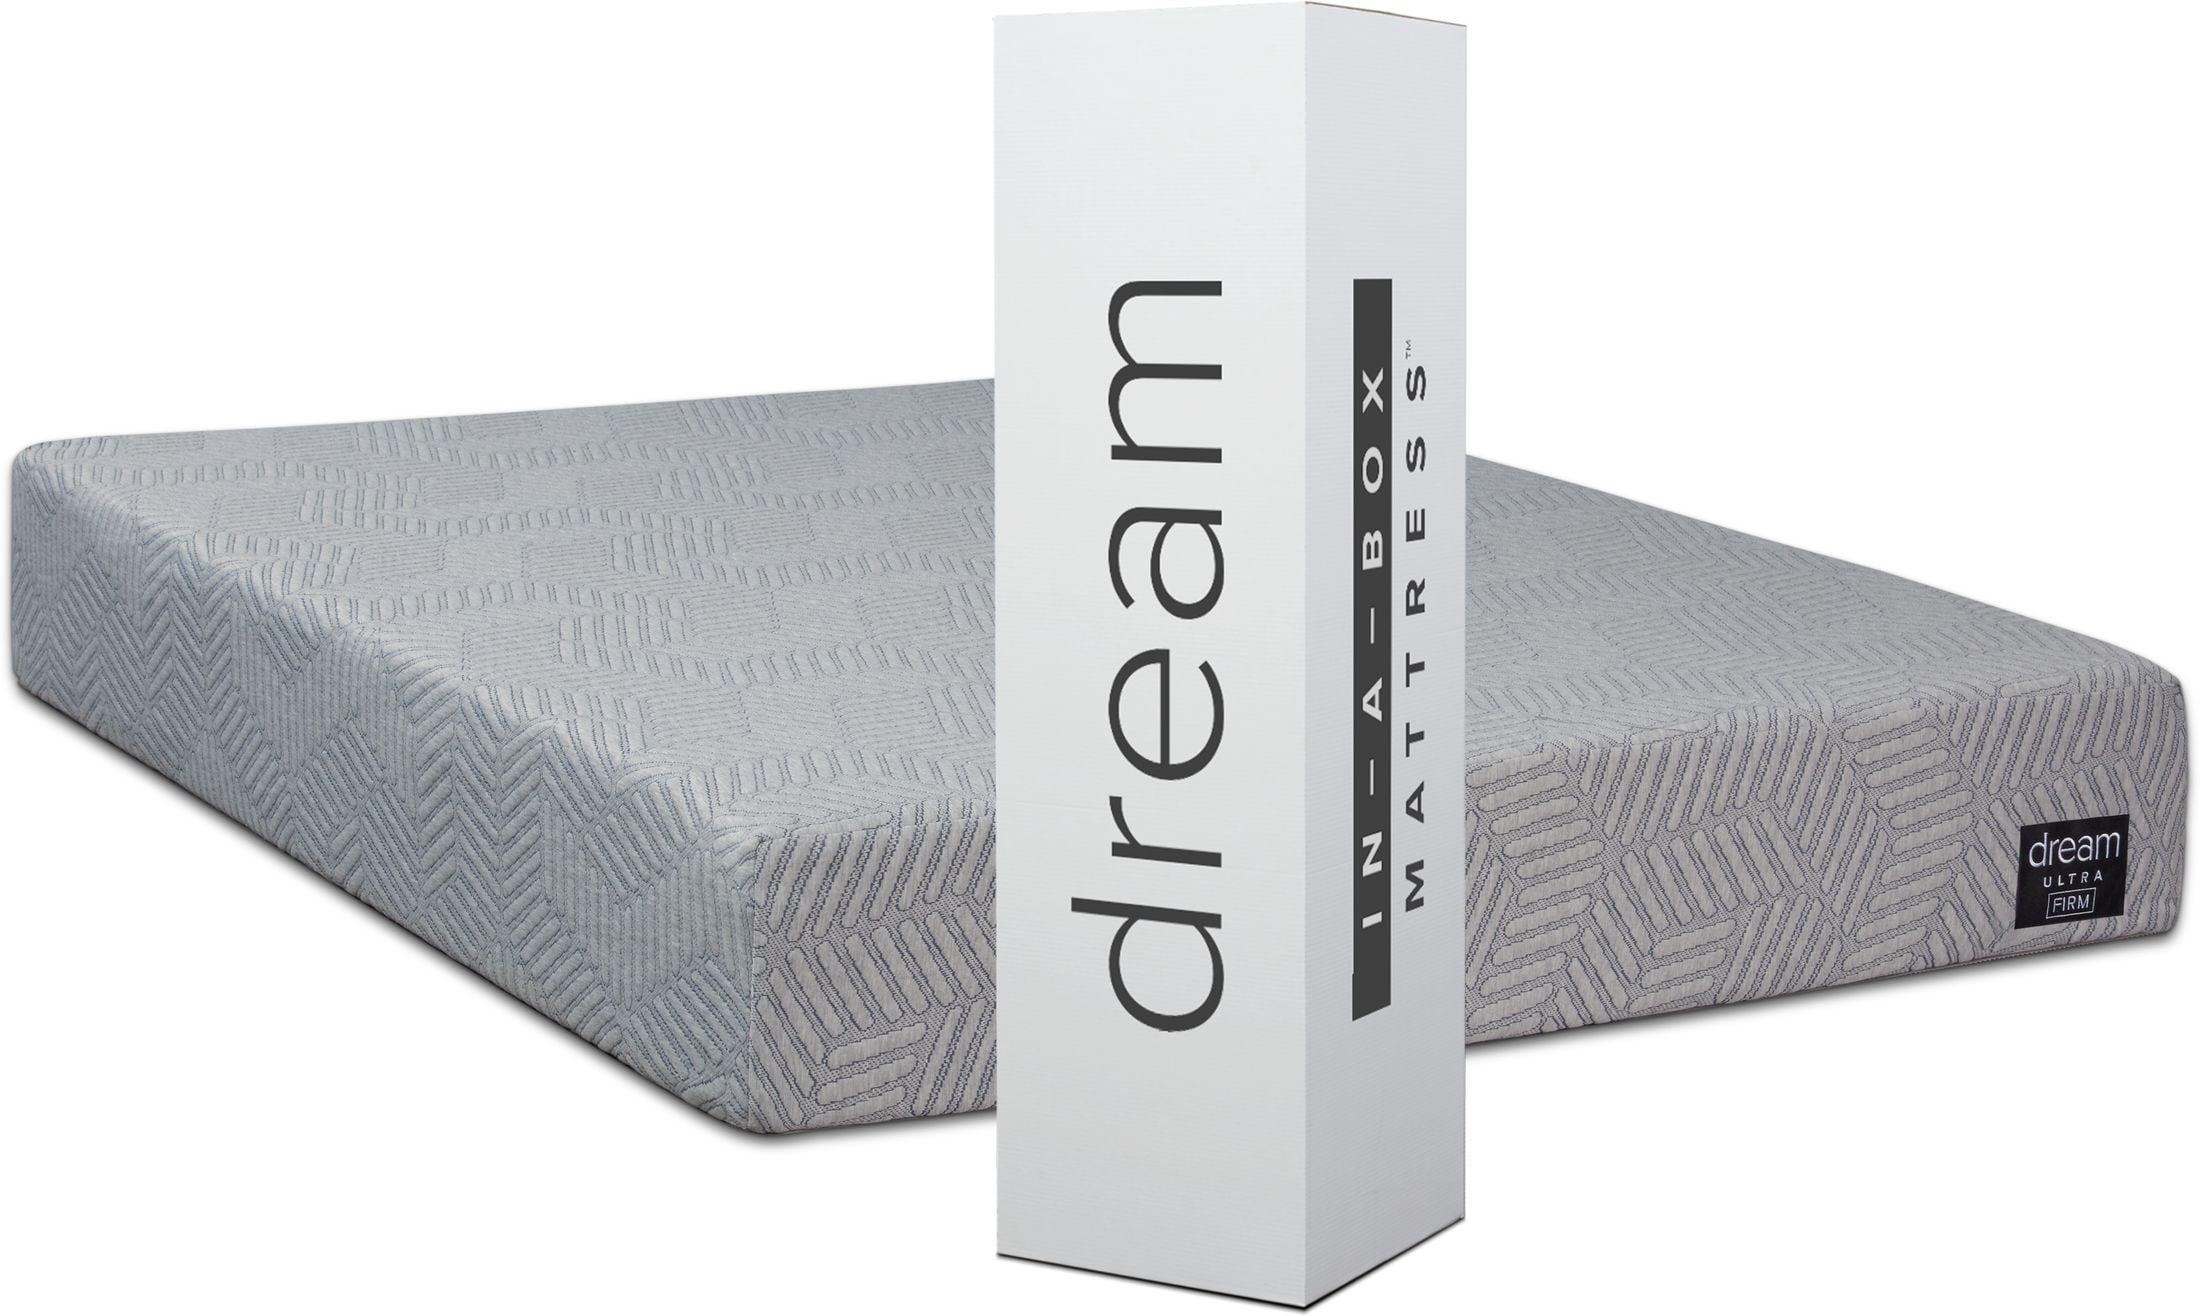 Mattresses and Bedding - Dream-In-A-Box Ultra Firm Mattress